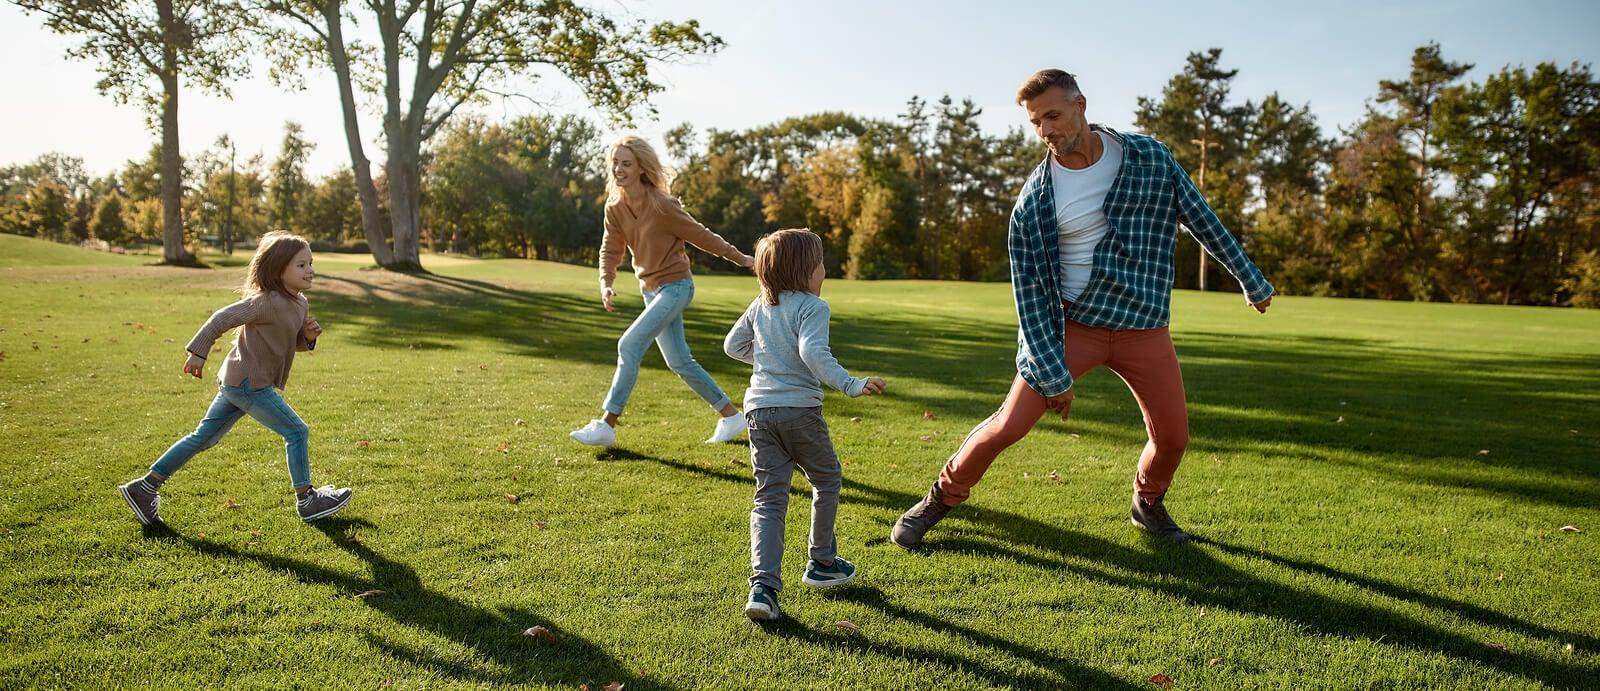 Familia corriendo al aire libre teniendo en cuenta la importancia del juego libre para el desarrollo de sus hijos.